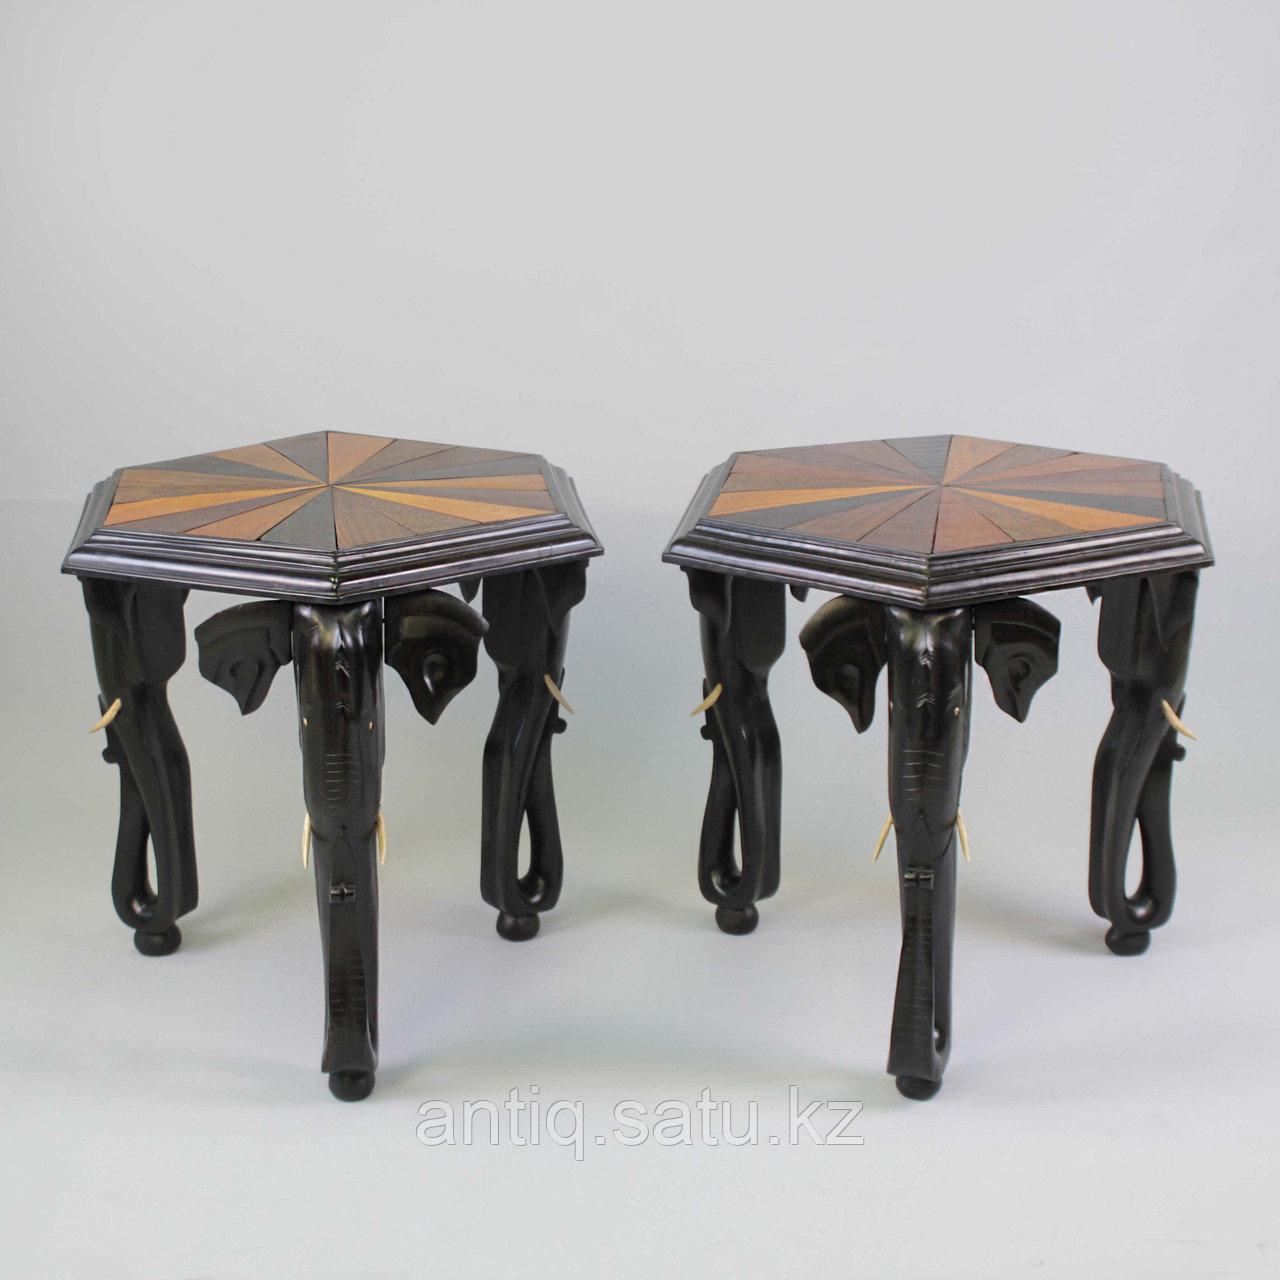 Журнальные столики. Бельгийское Конго. Изготовлены из массива ценных пород дерева различных видов. - фото 8